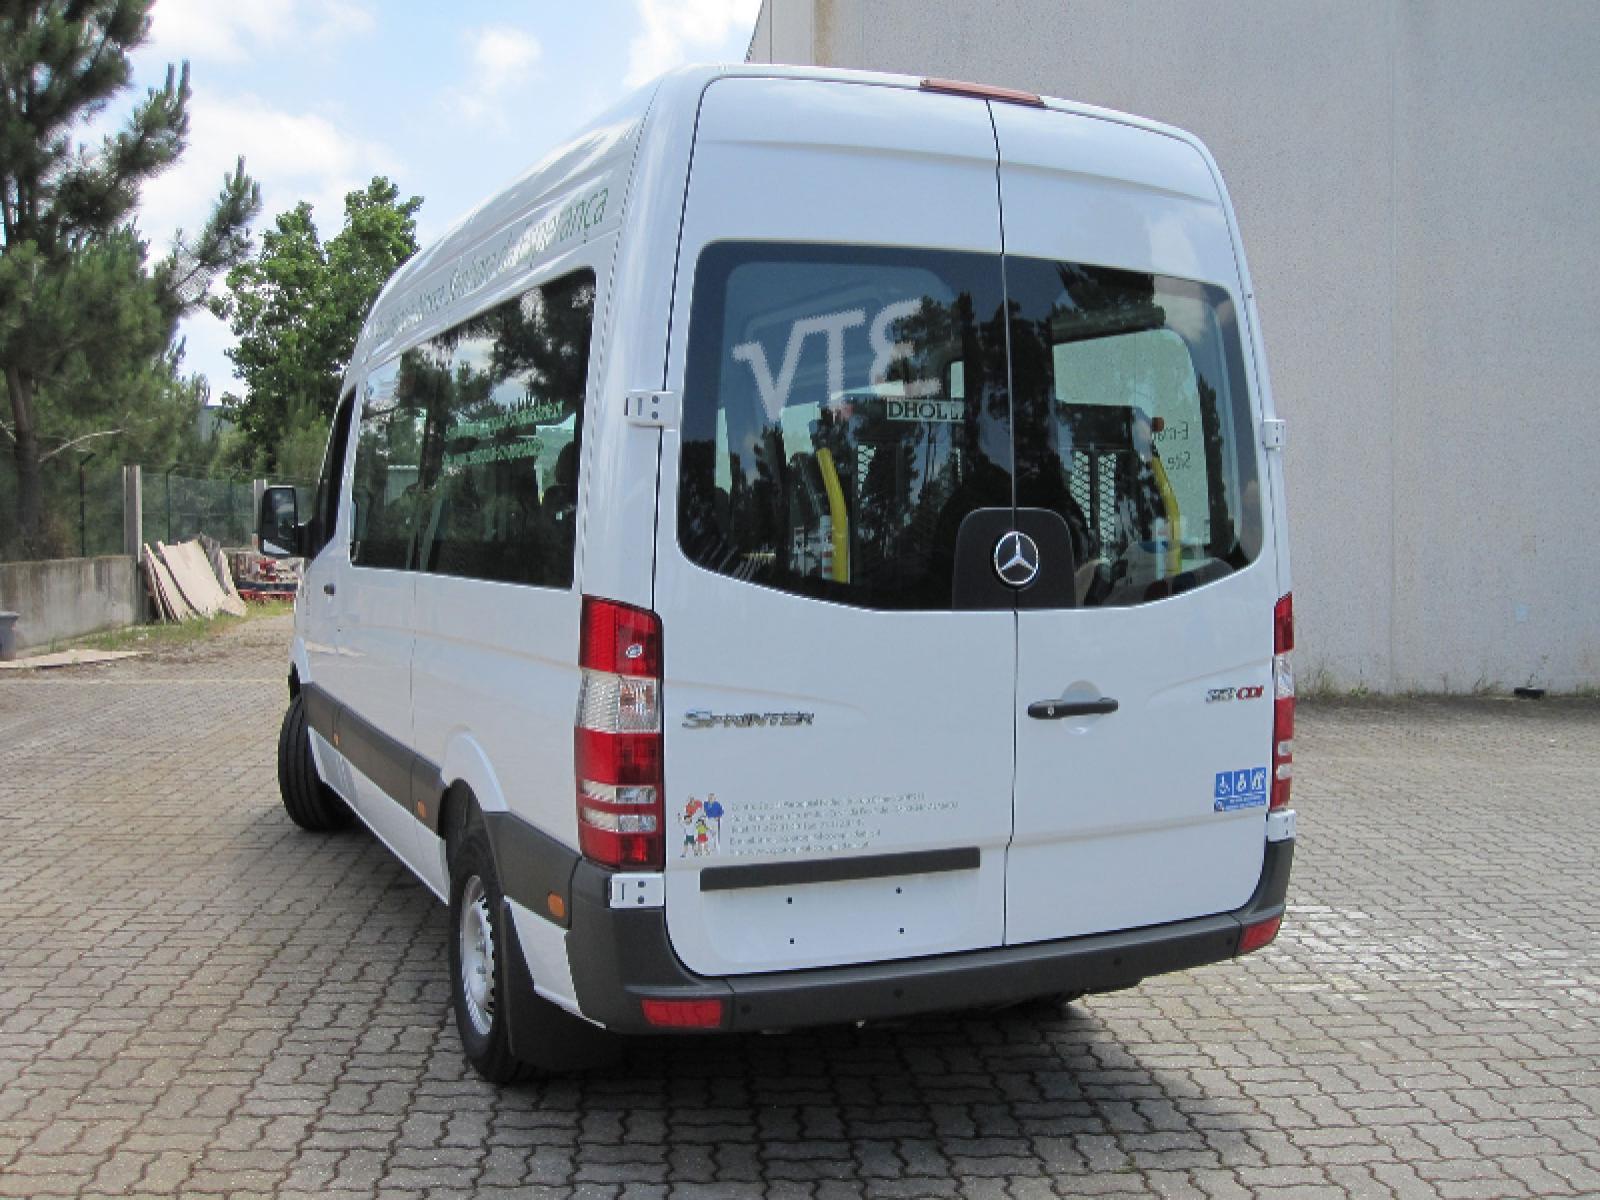 Sprinter Mobility